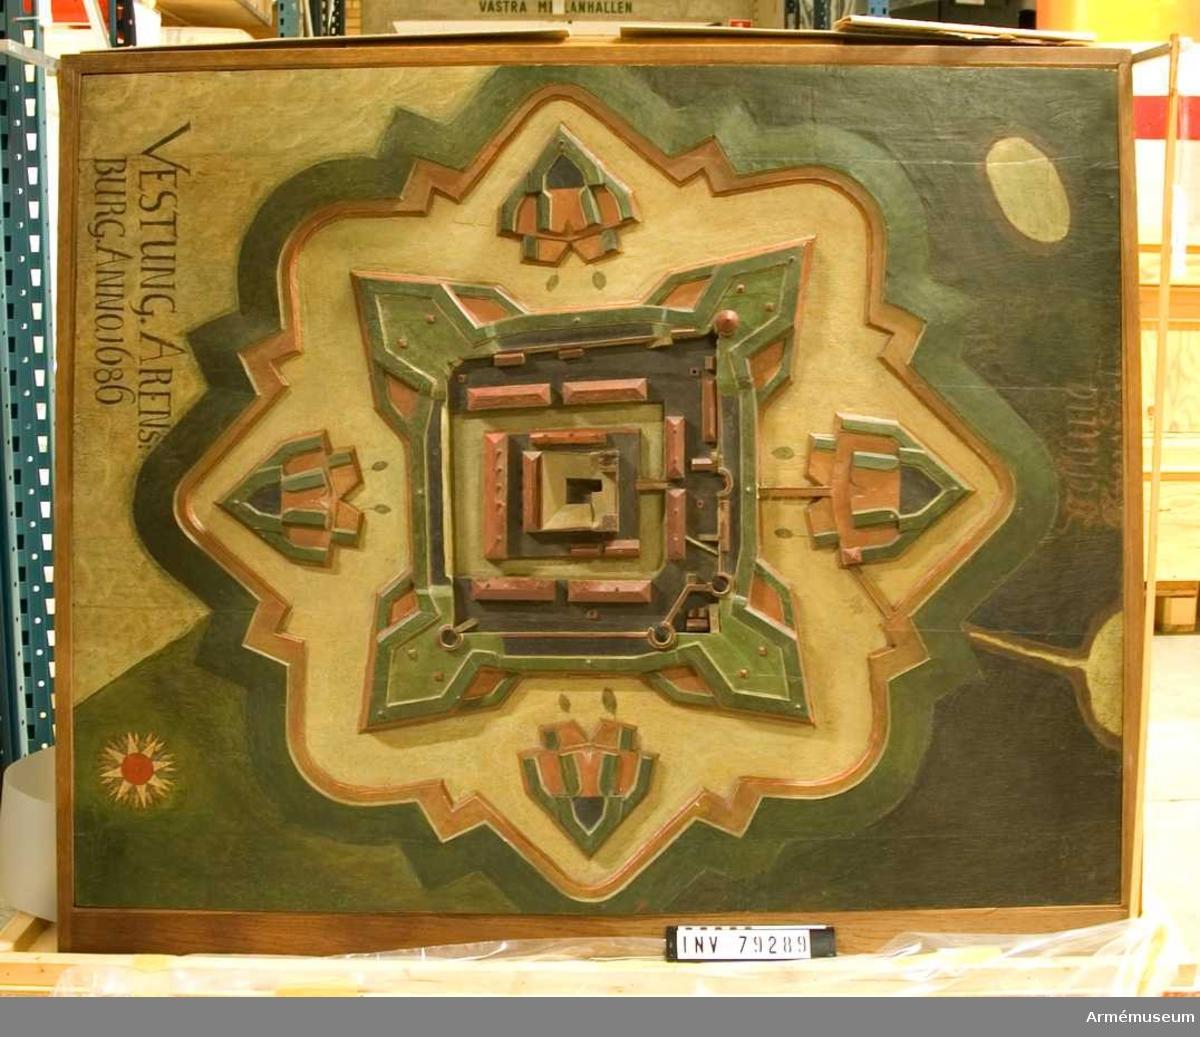 """Grupp: L.  """"VESTUNG ARENS.BURG. ANNO.1686. Arensburg.  Exponerad i ramverk av ekfanerad furu stående på sockel av trälaminatskivor. Ramverk med modell lutar framåt. Modellen är utförd på pannå bestående av 5 st  tämligen grova plankor. Det mesta av modellens topografi är utskuren direkt ur plankorna. Oljefärg direkt på underliggande träyta, ingen grundering. Smutsig. Modellen välver sig ganska kraftigt upp ur ramverket, i pannåns längdriktning. det rör sig om 11 mm i modellens framkant och 12 mm i dess bakkant. Inga skönjbara tendenser till färgsläpp. Kraftig sprickbildning mellan första och andra pannåbrädan. Sprickan är påtaglig på en 42 cm lång sträcka från modellens vänstra nedre sida och inåt mot modellens mitt. 10 av slottsbyggnadernas skorstenar saknas."""